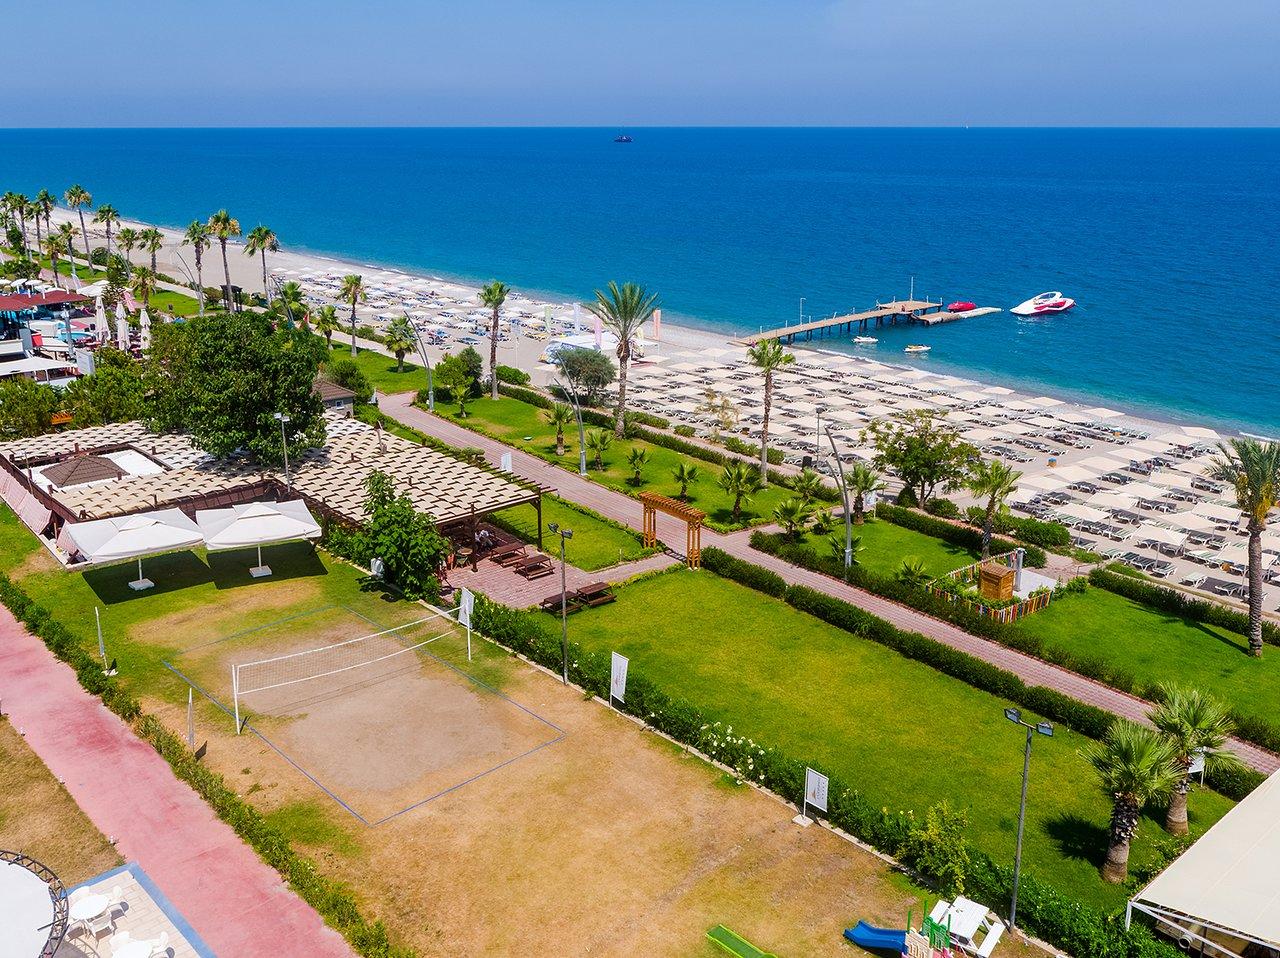 ⇒ Отель l`Oceanica Beach Resort Hotel 5* Л'Океаника Бич Резорт Отель •  Лучшие гостиницы в Кемере от Турфирмы Горящие туры Квадрат